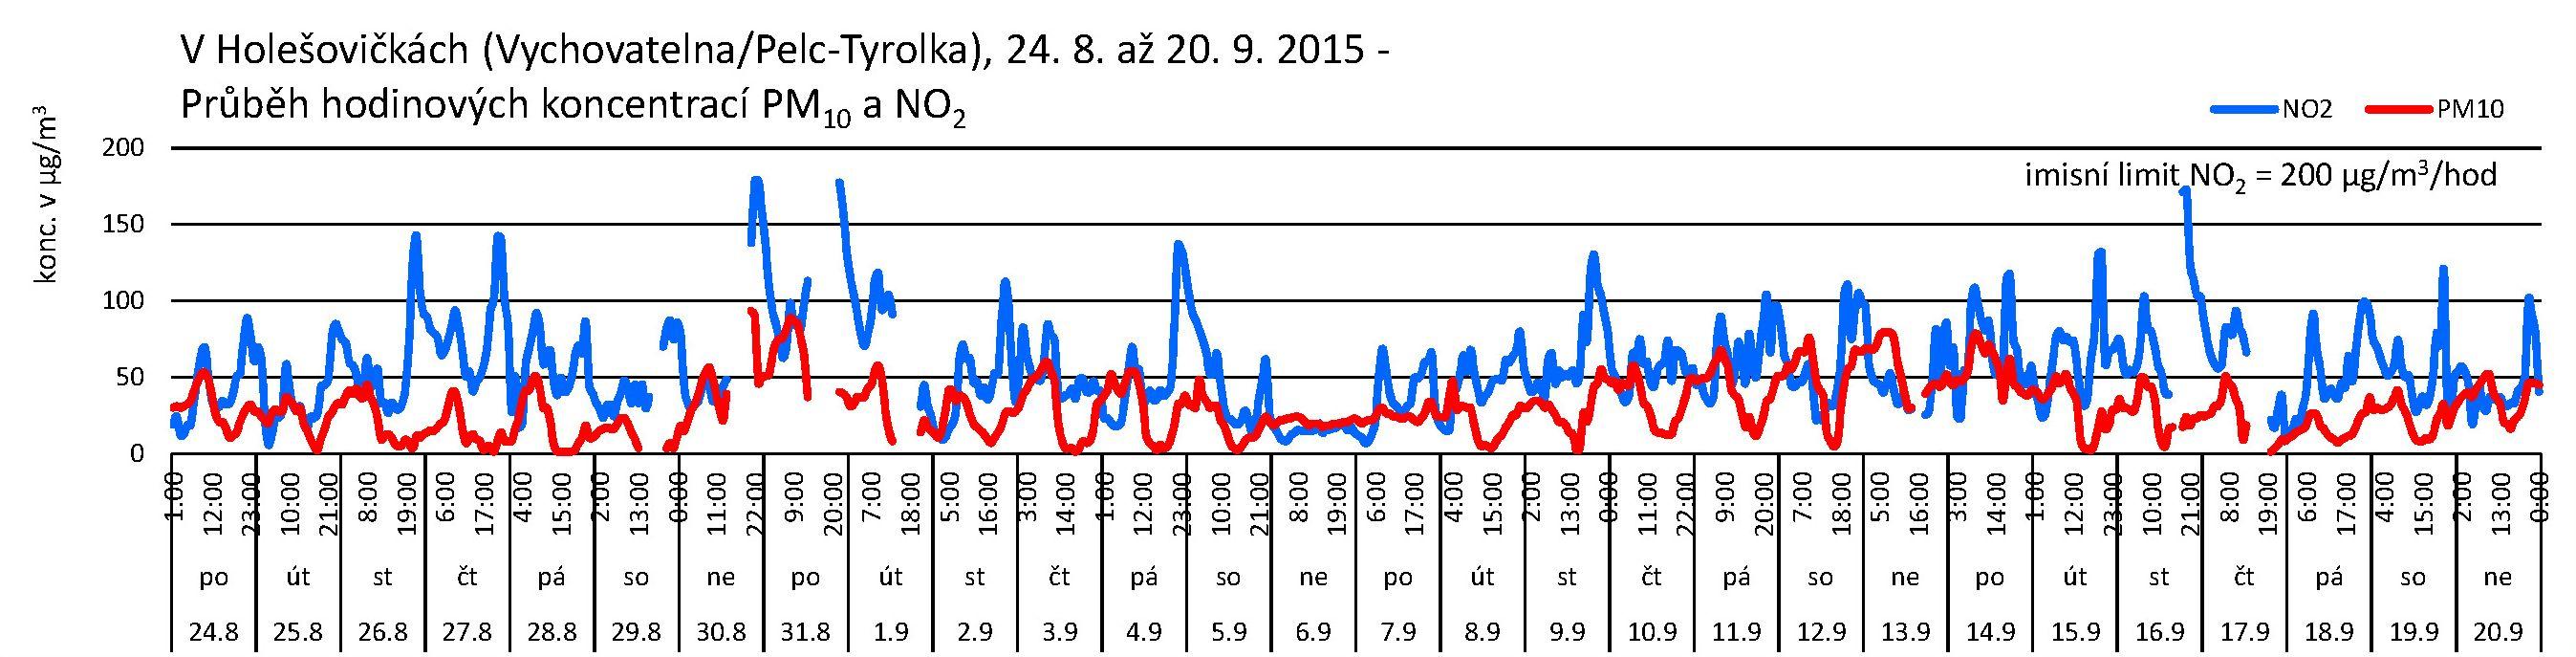 V Holešovičkách - 09.2015 - NO2 a PM10